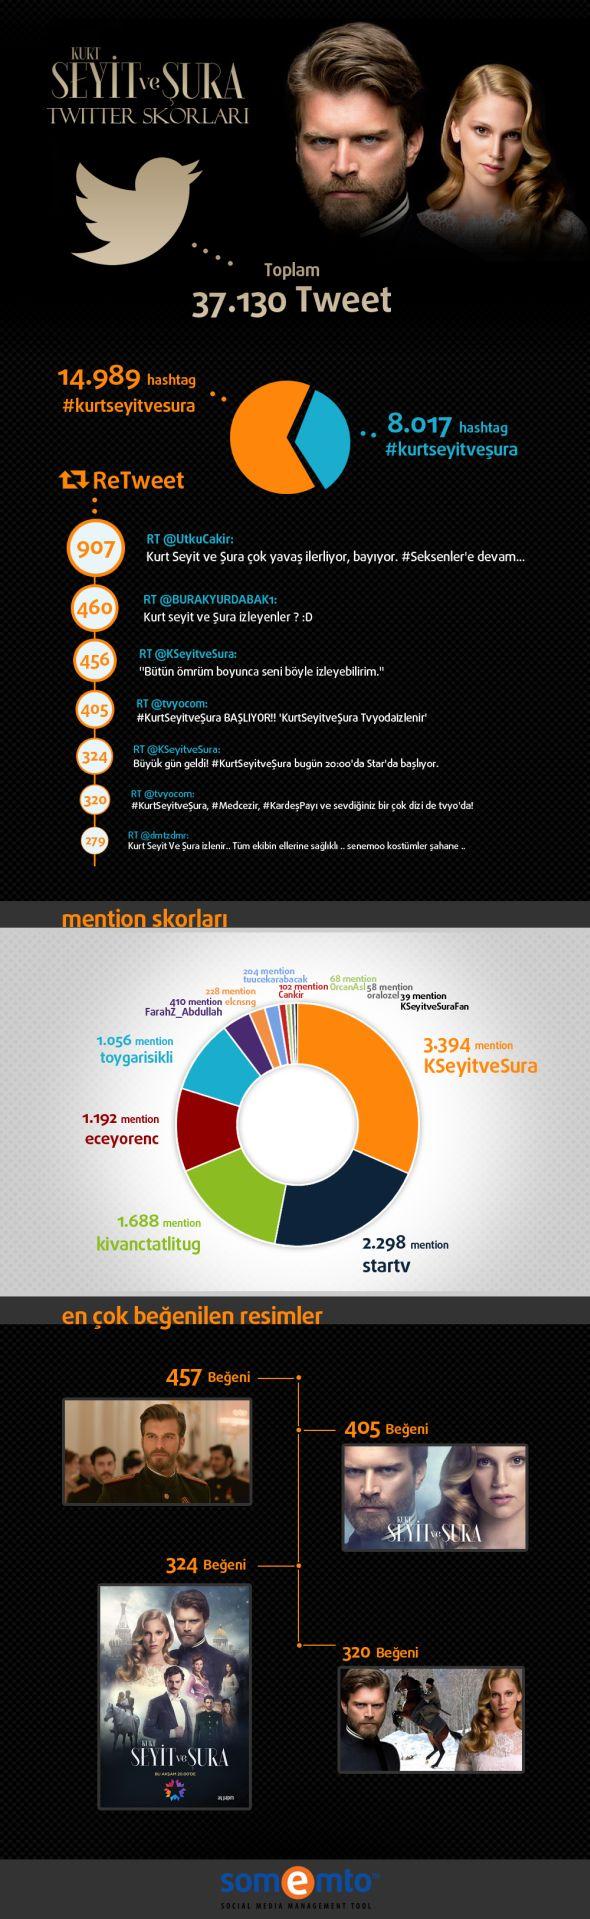 Somemto_kurt_seyit_sura_infographic